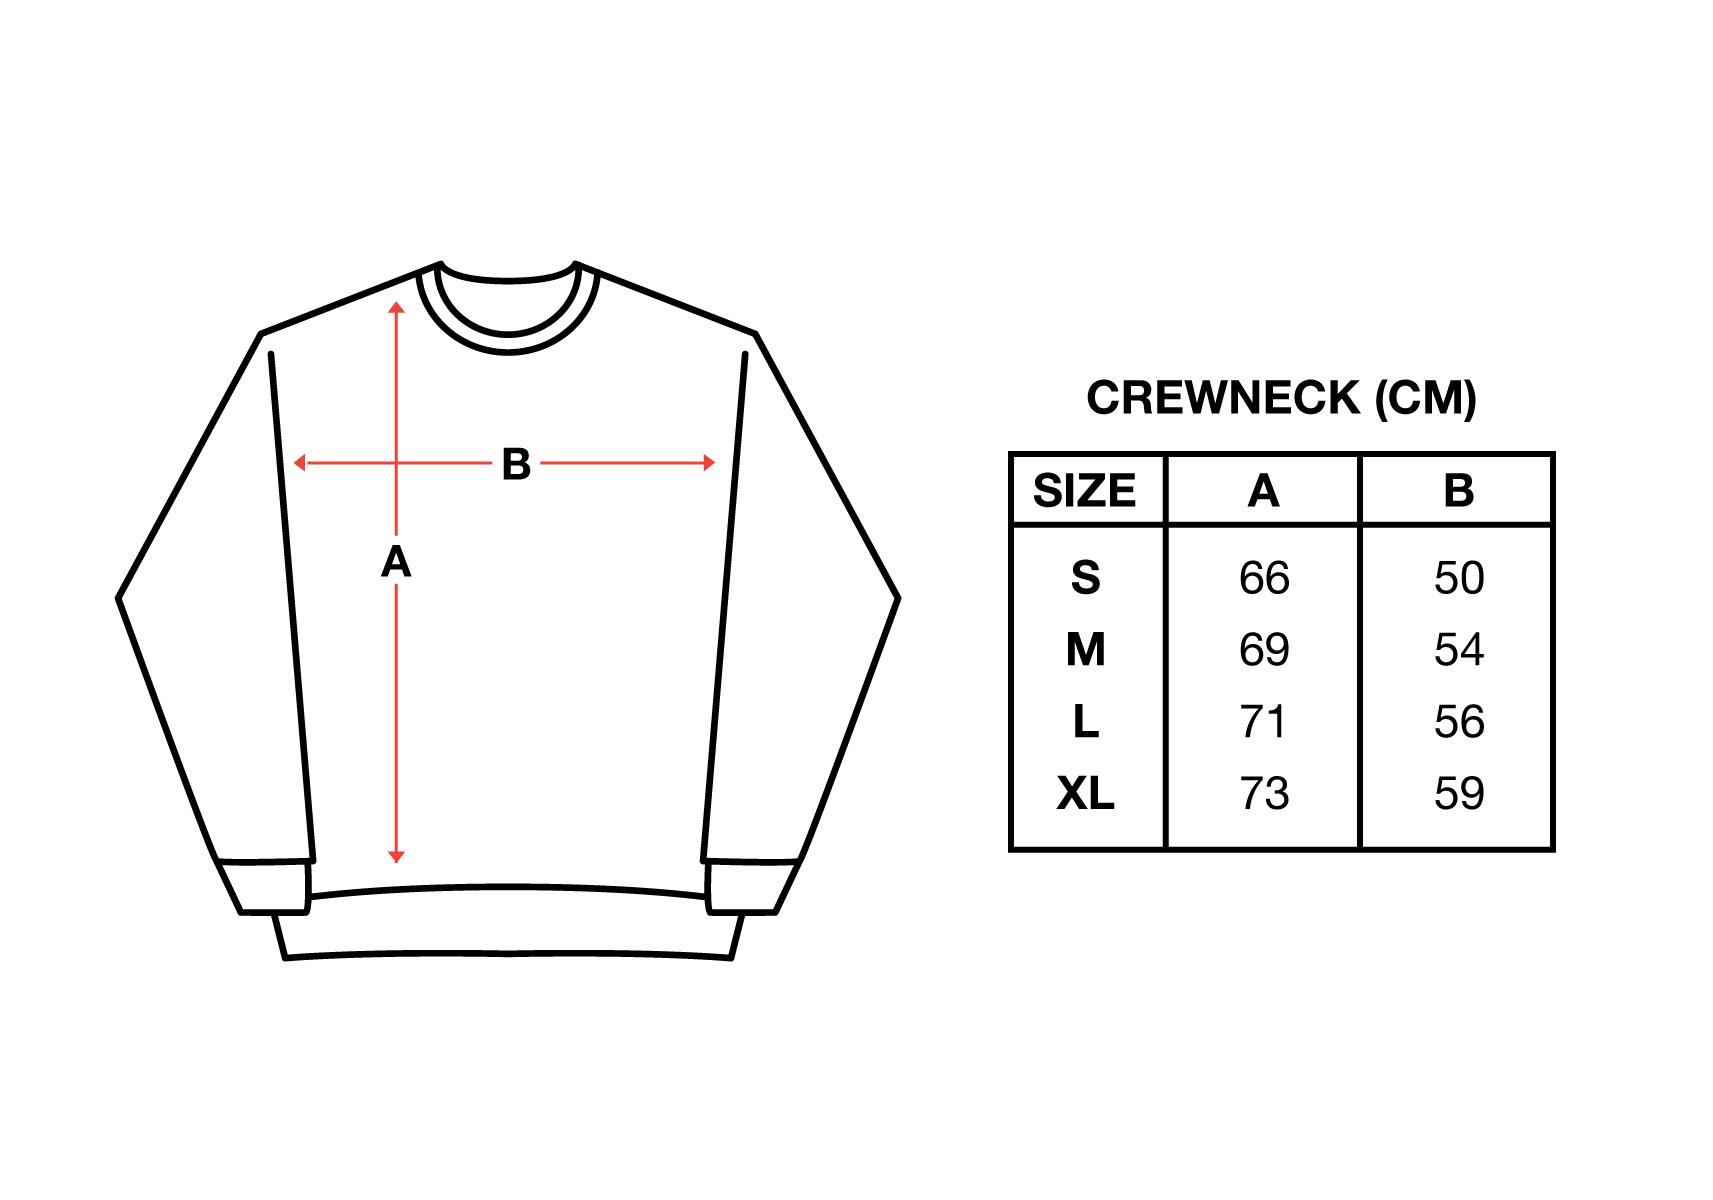 Crewneck